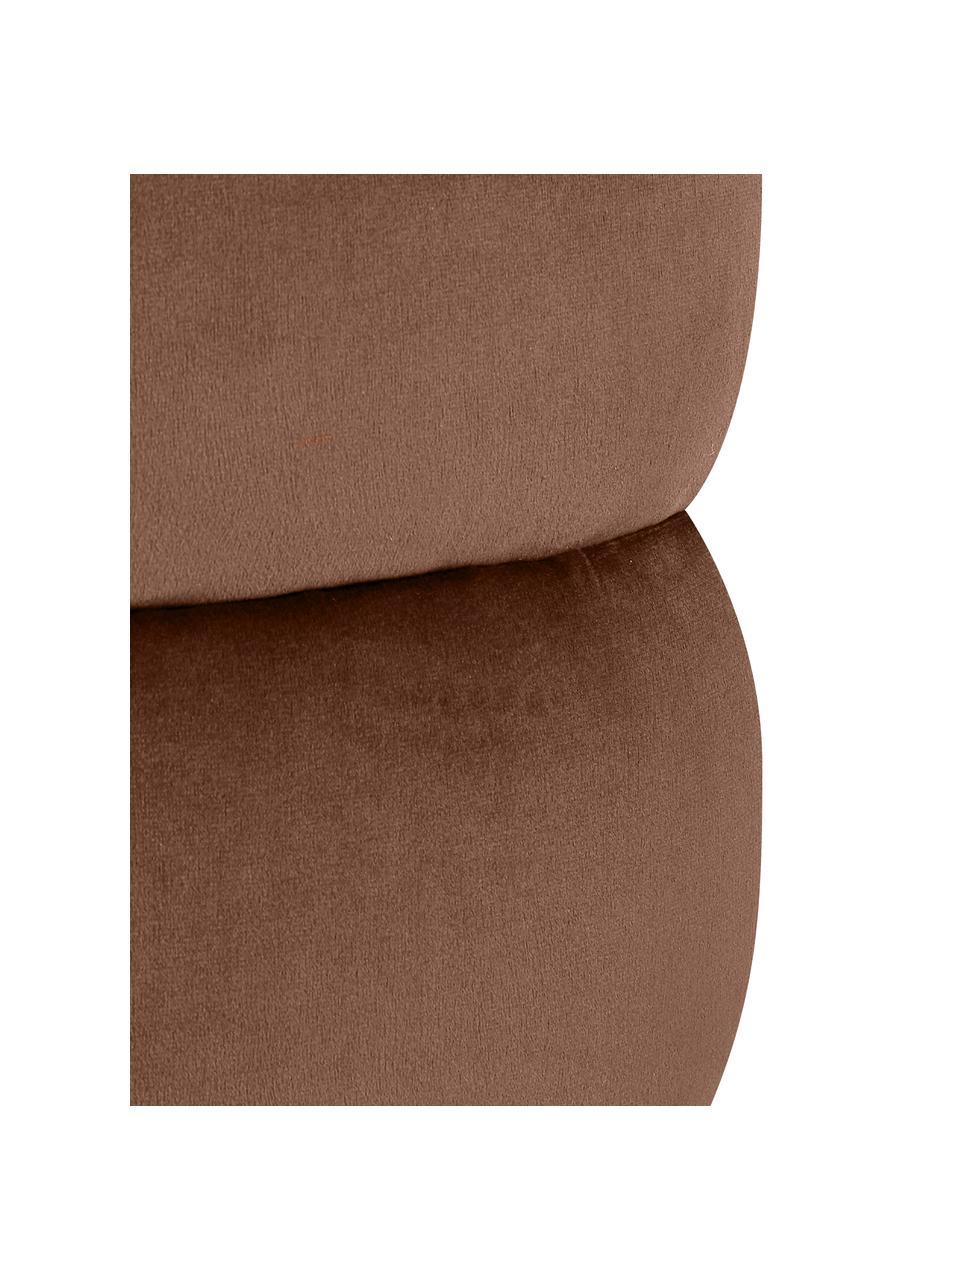 Puf z aksamitu Alto, Tapicerka: aksamit (poliester) Dzięk, Stelaż: lite drewno sosnowe, skle, Aksamitny brązowy, Ø 42 x W 47 cm